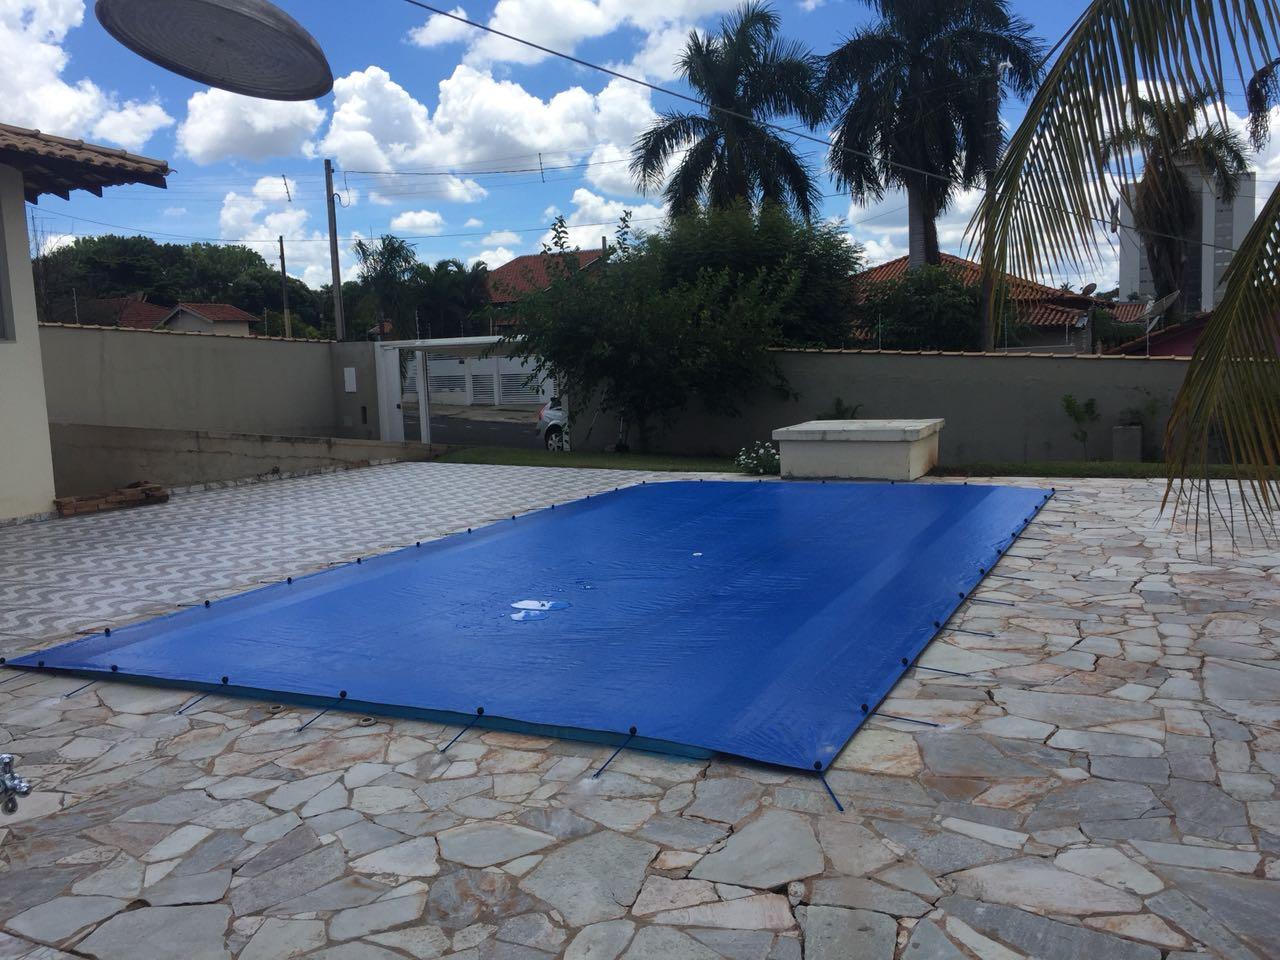 Capa para Piscina Proteção Azul 300 Micras - 9x6